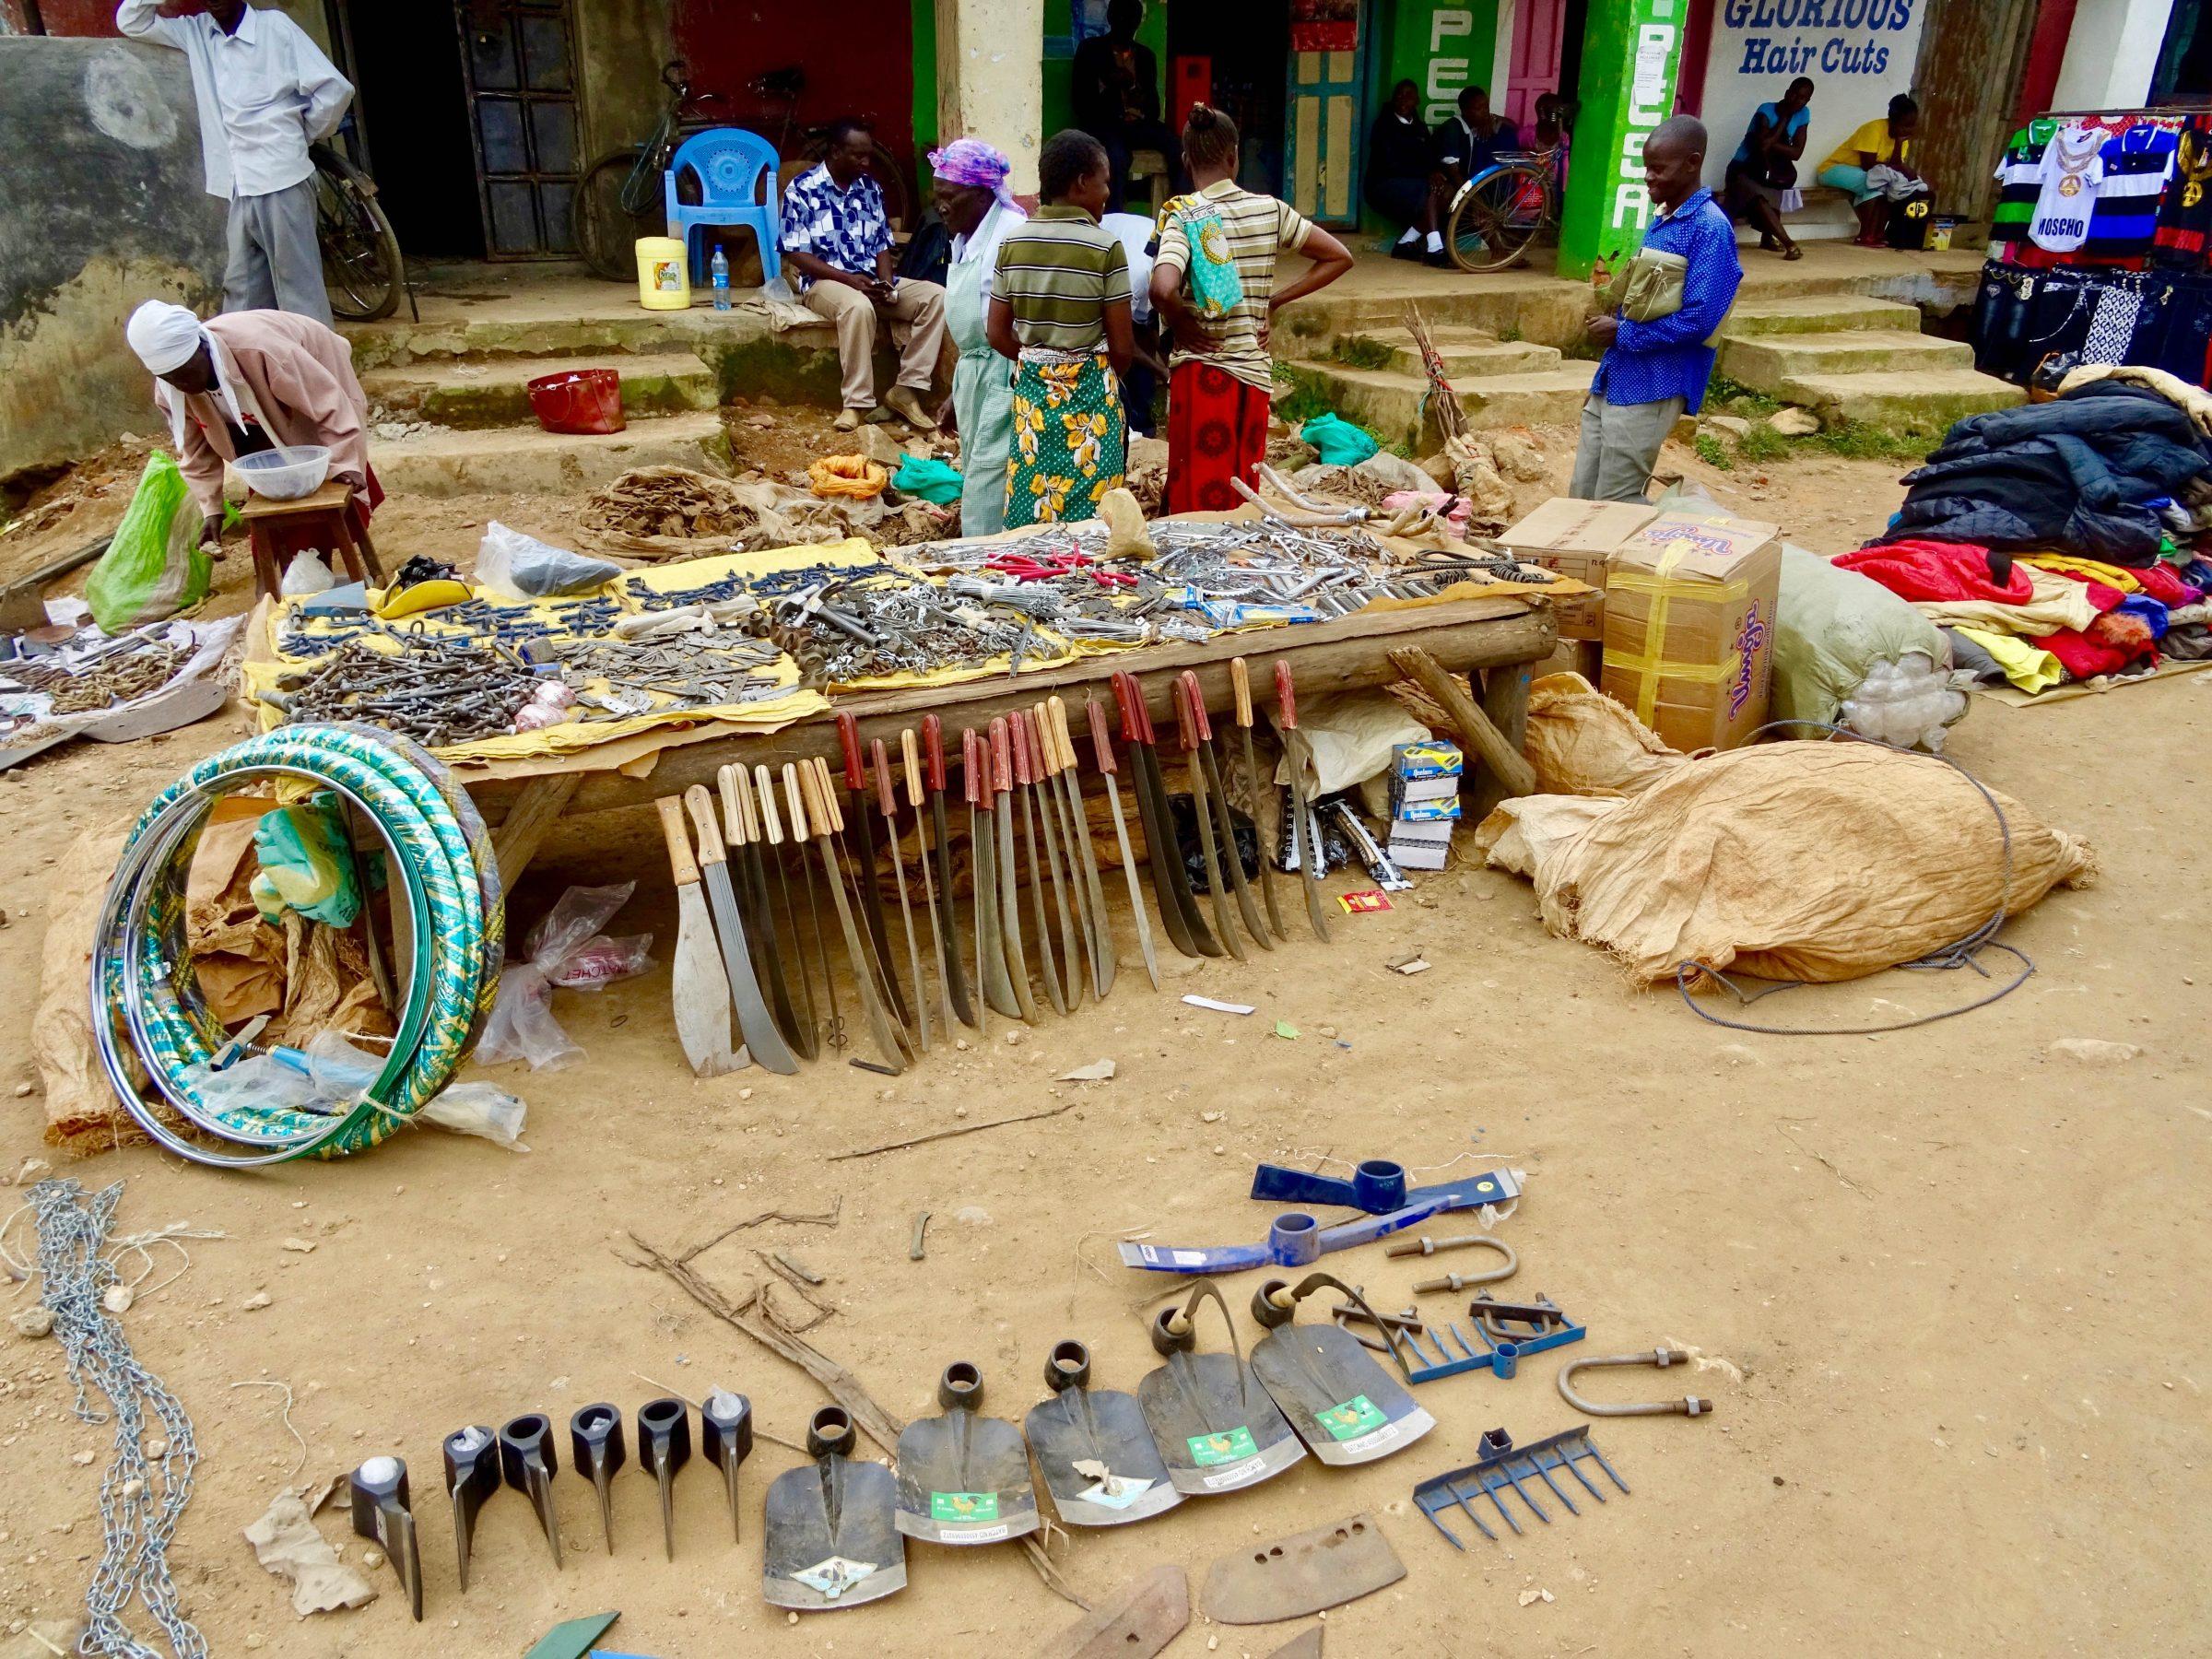 Allerlei gereedschap te koop op de markt in Lubao